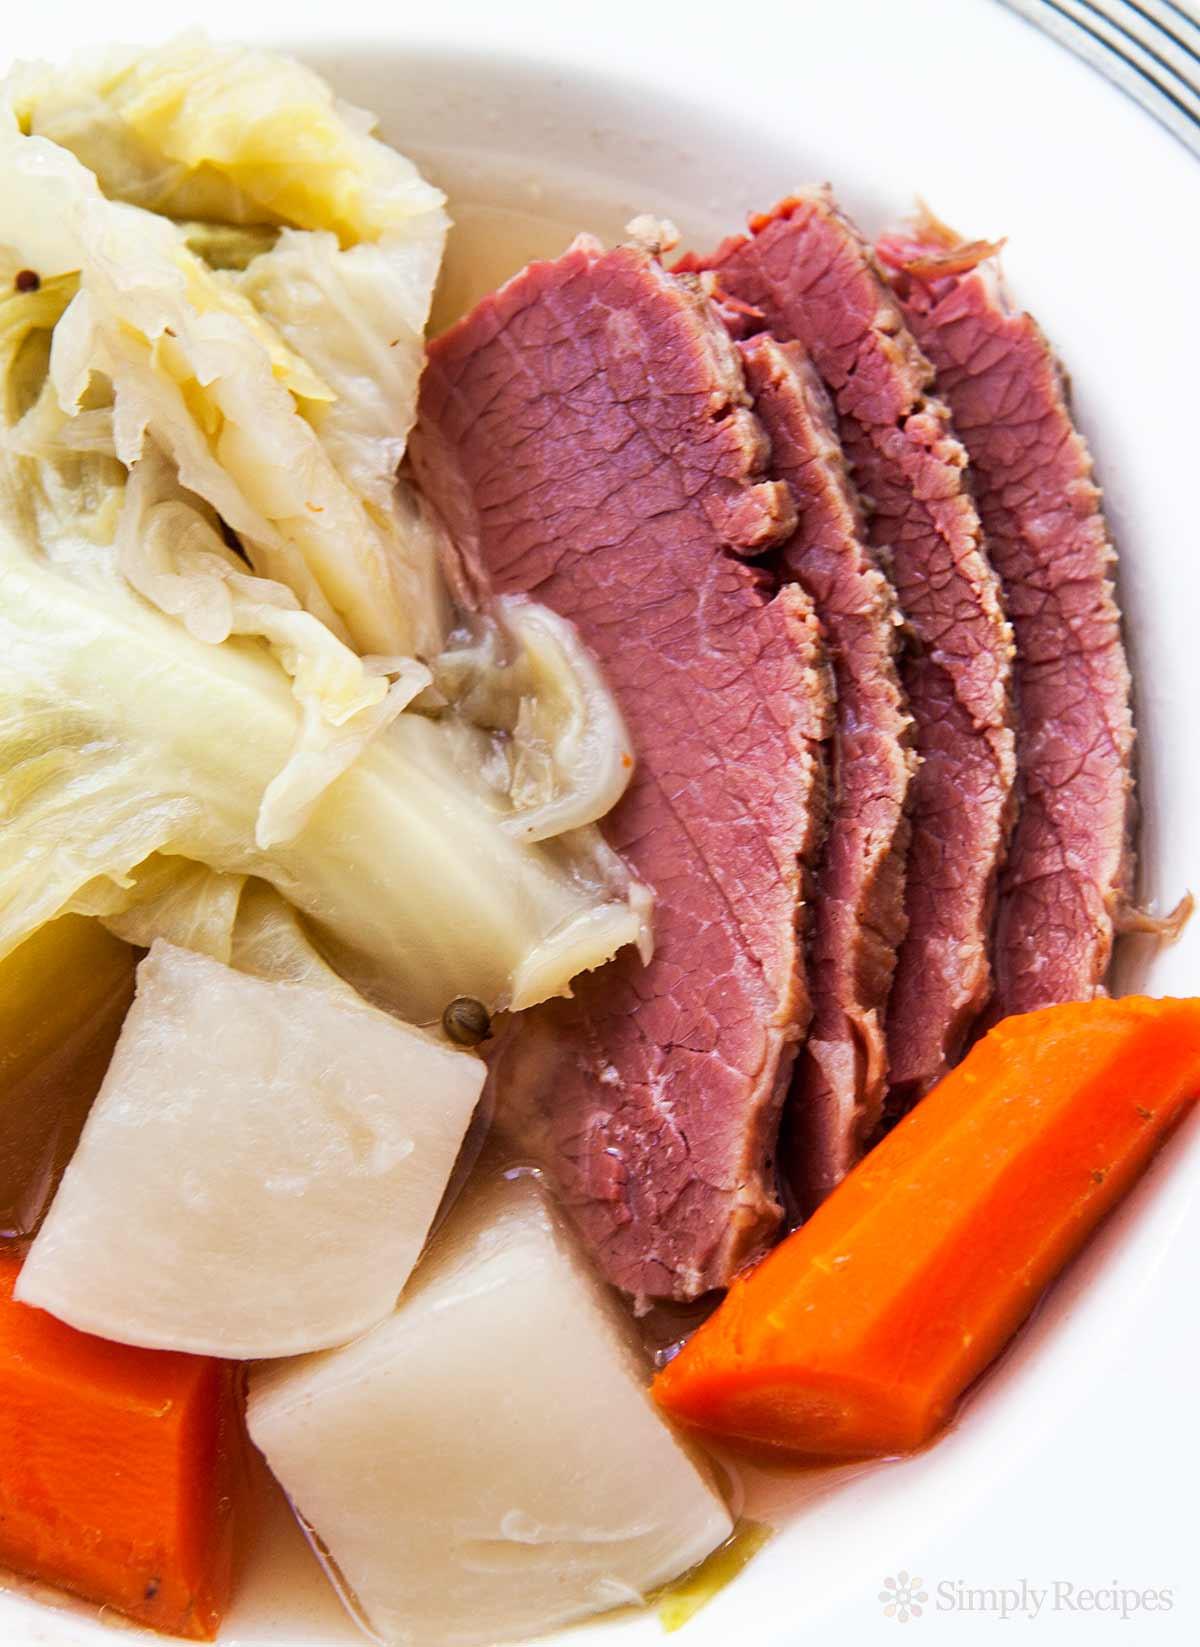 Boiled Dinner Recipe  New England Boiled Dinner Corned Beef or Brisket